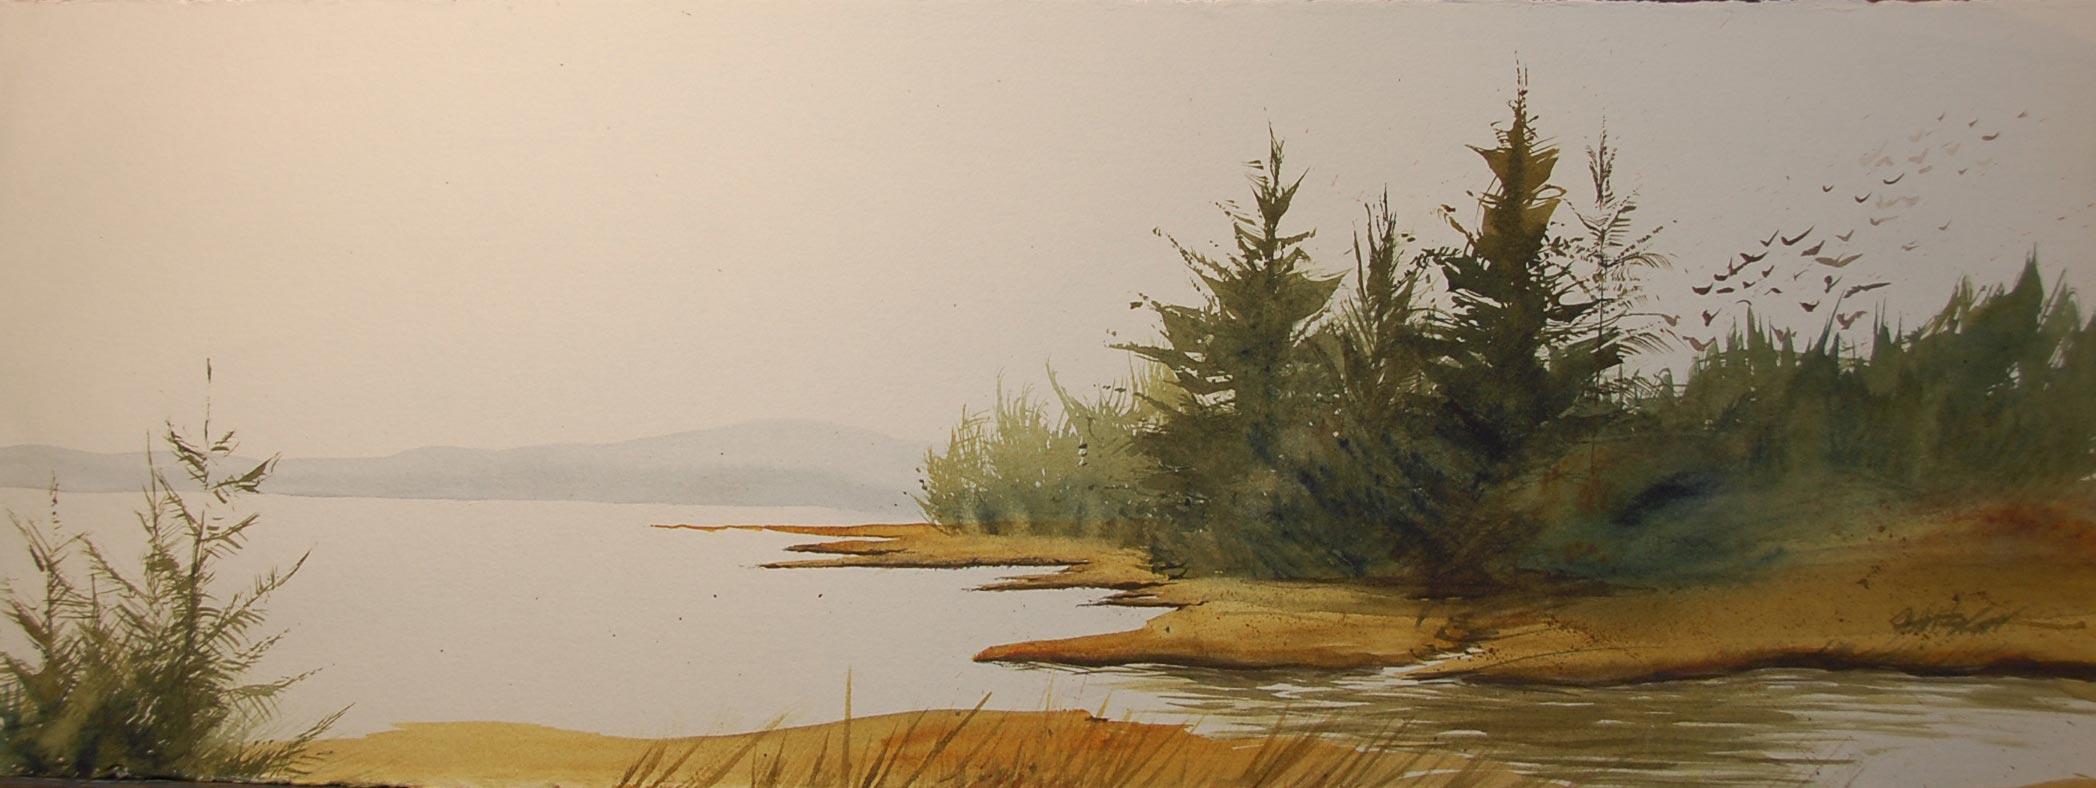 Quiet estuary